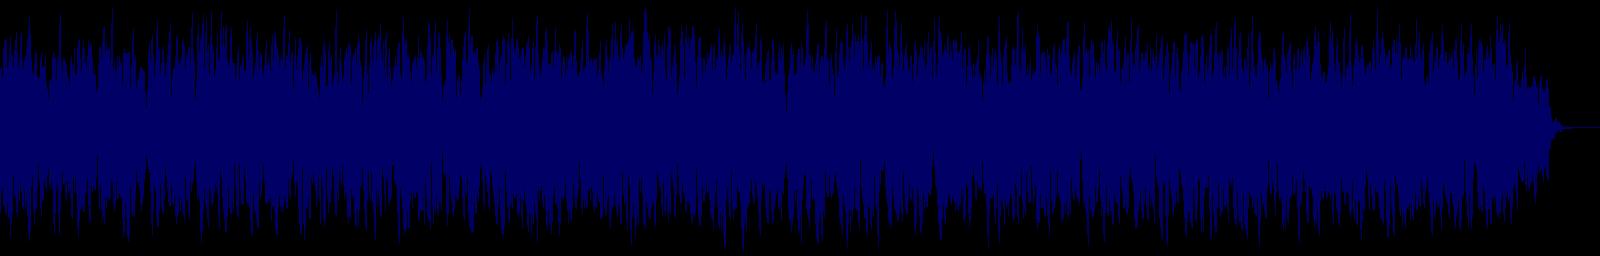 waveform of track #124863